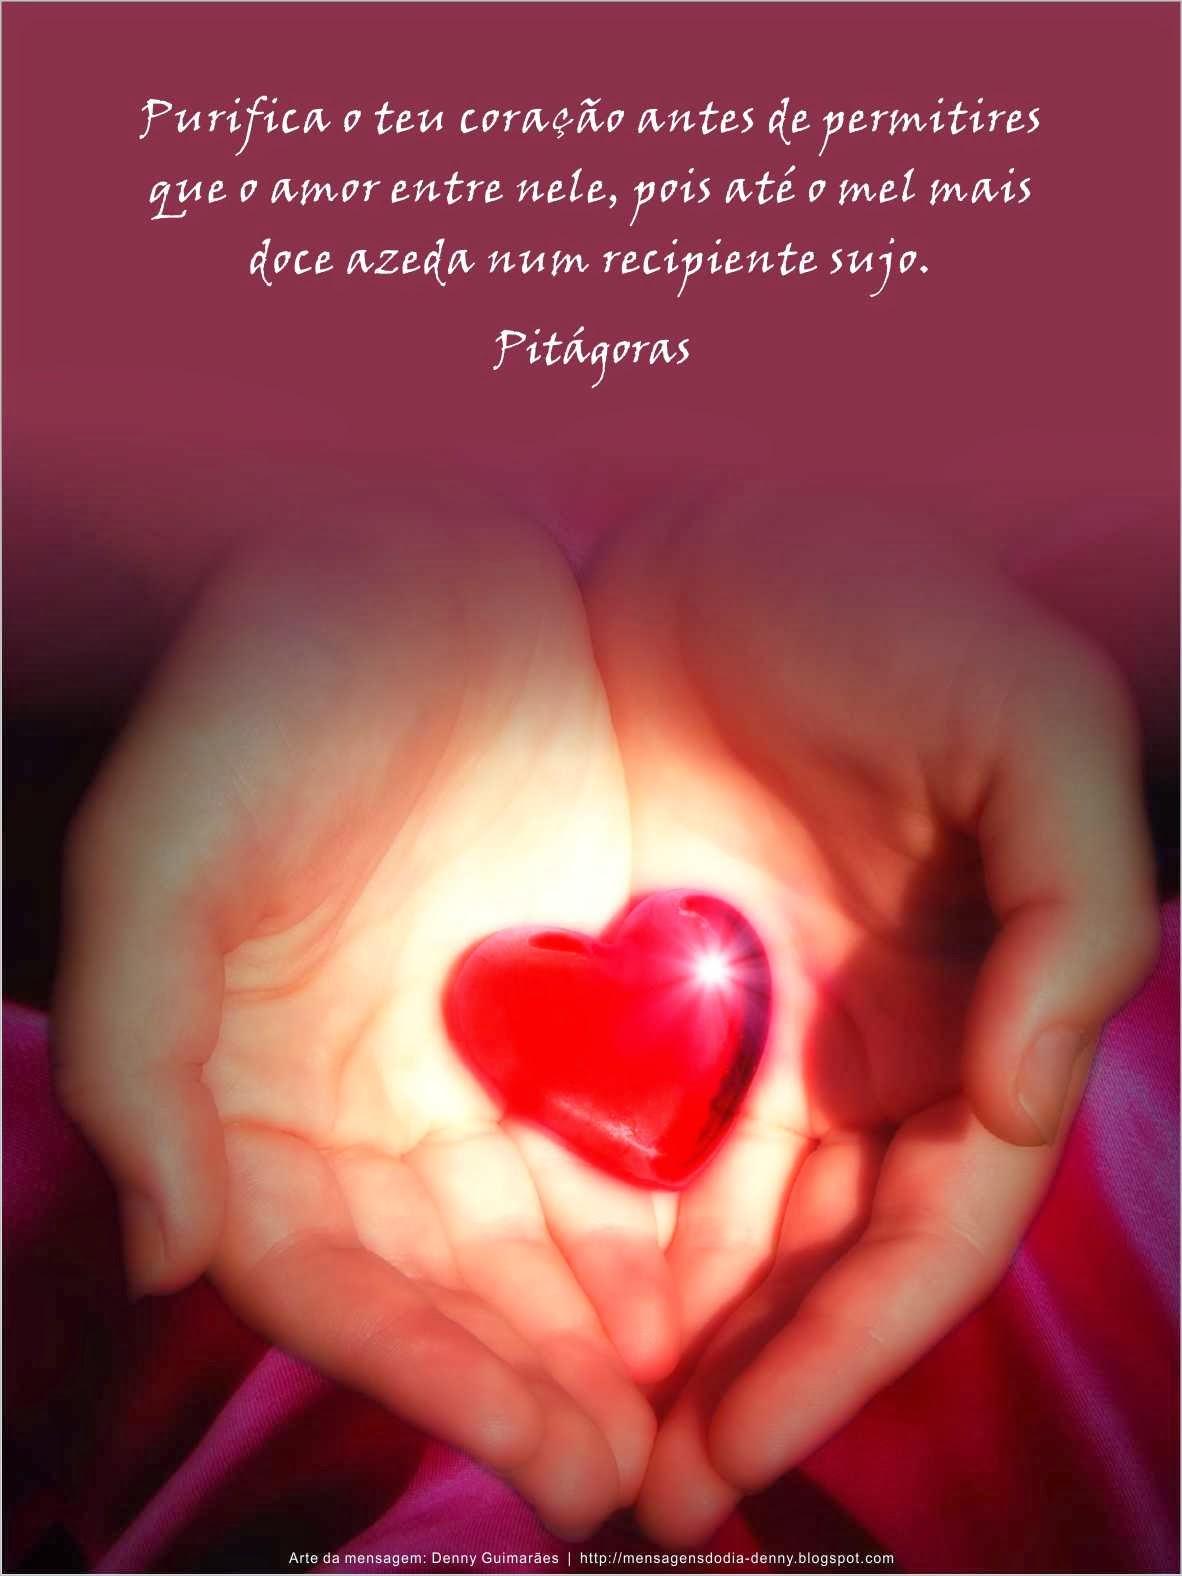 Lindas Frases De Bom Dia Para A Pessoa Amada